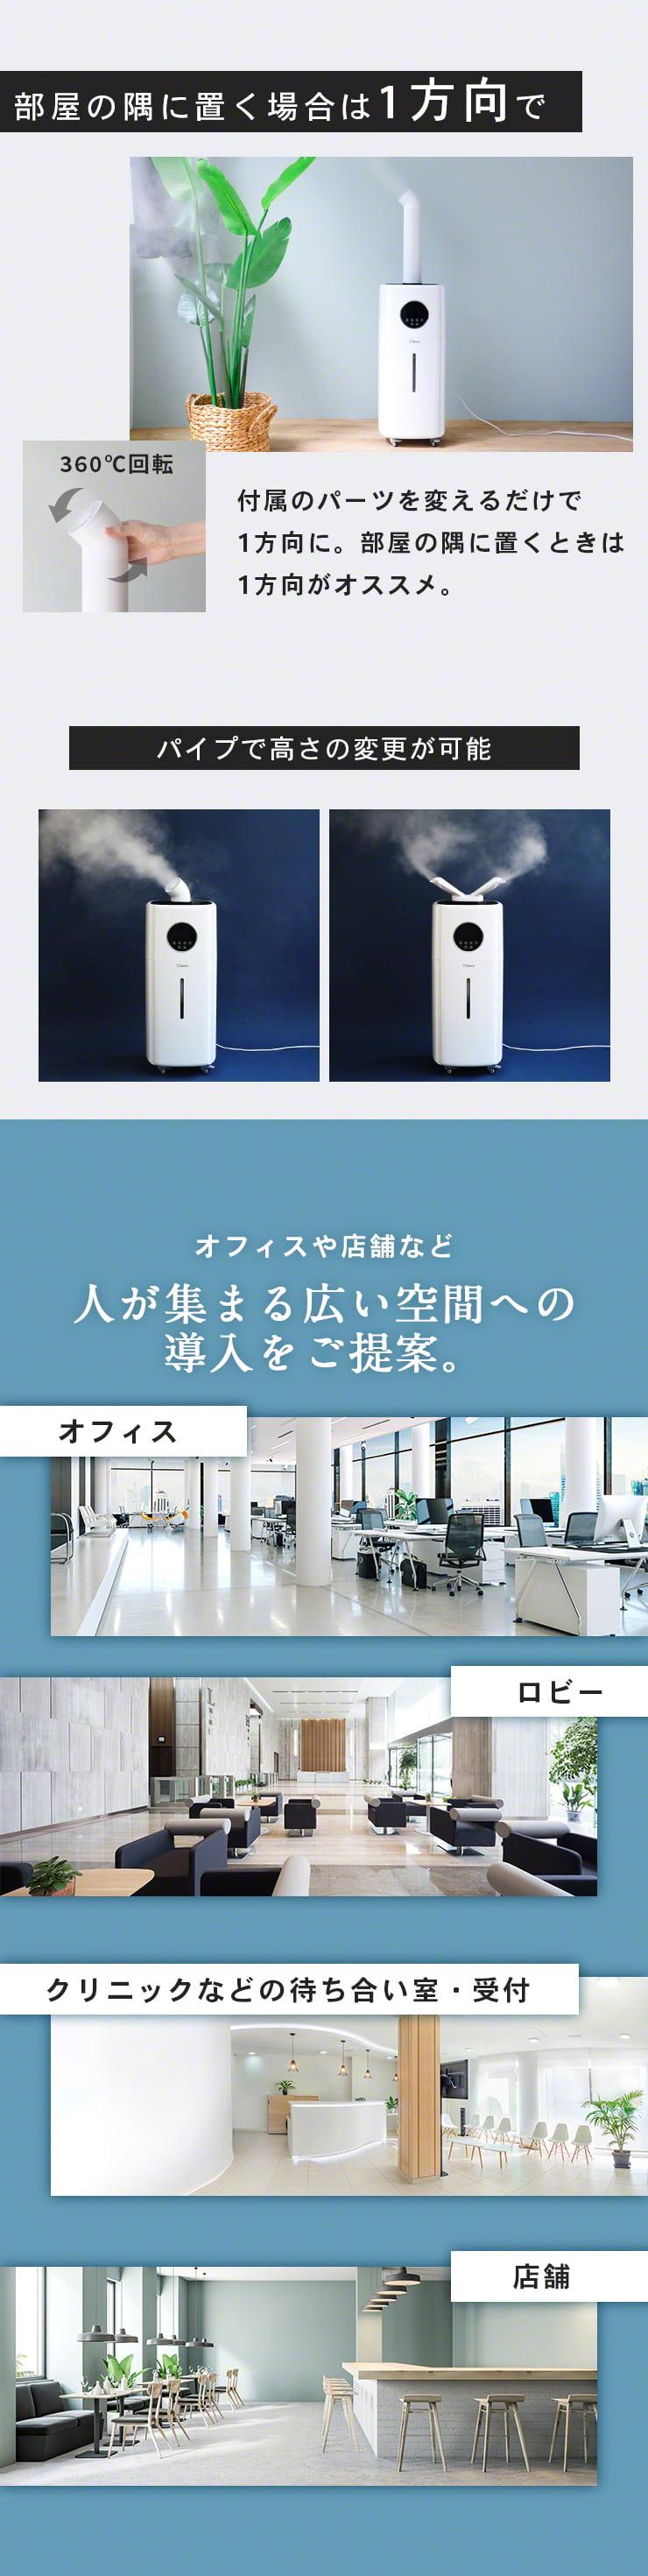 オフィスや店舗など人が集まる広い空間への導入をご提案。